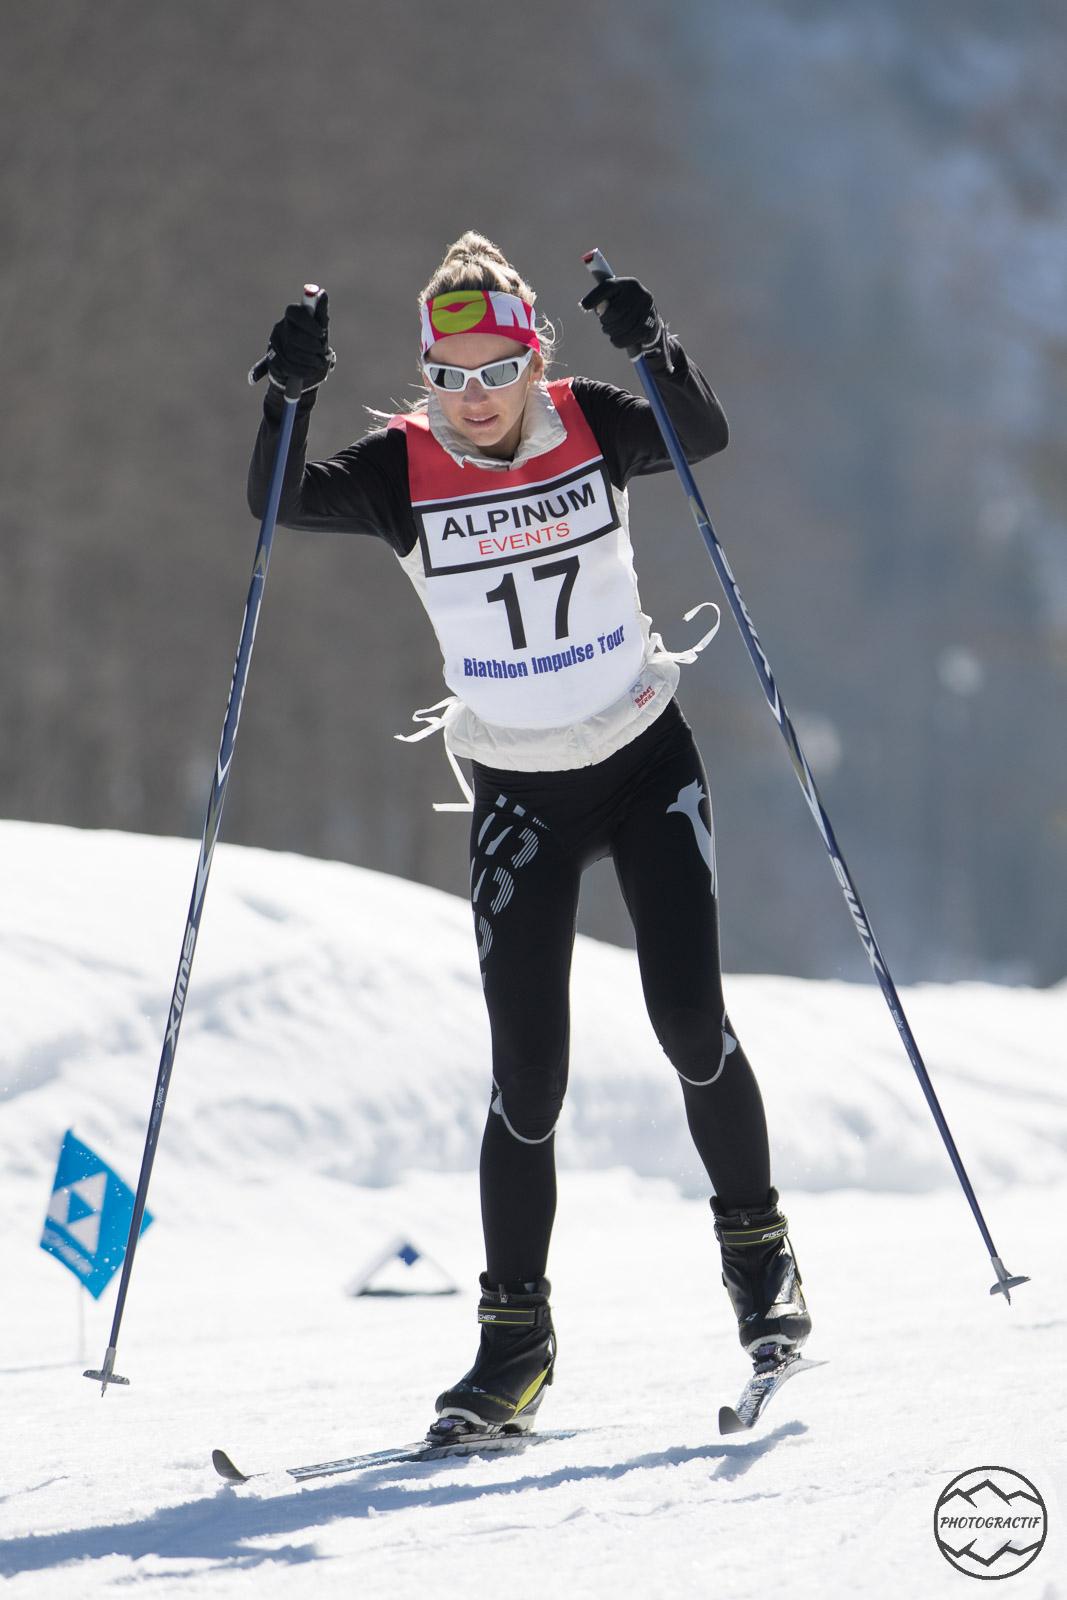 Biathlon Alpinum Les Contamines 2019 (23)